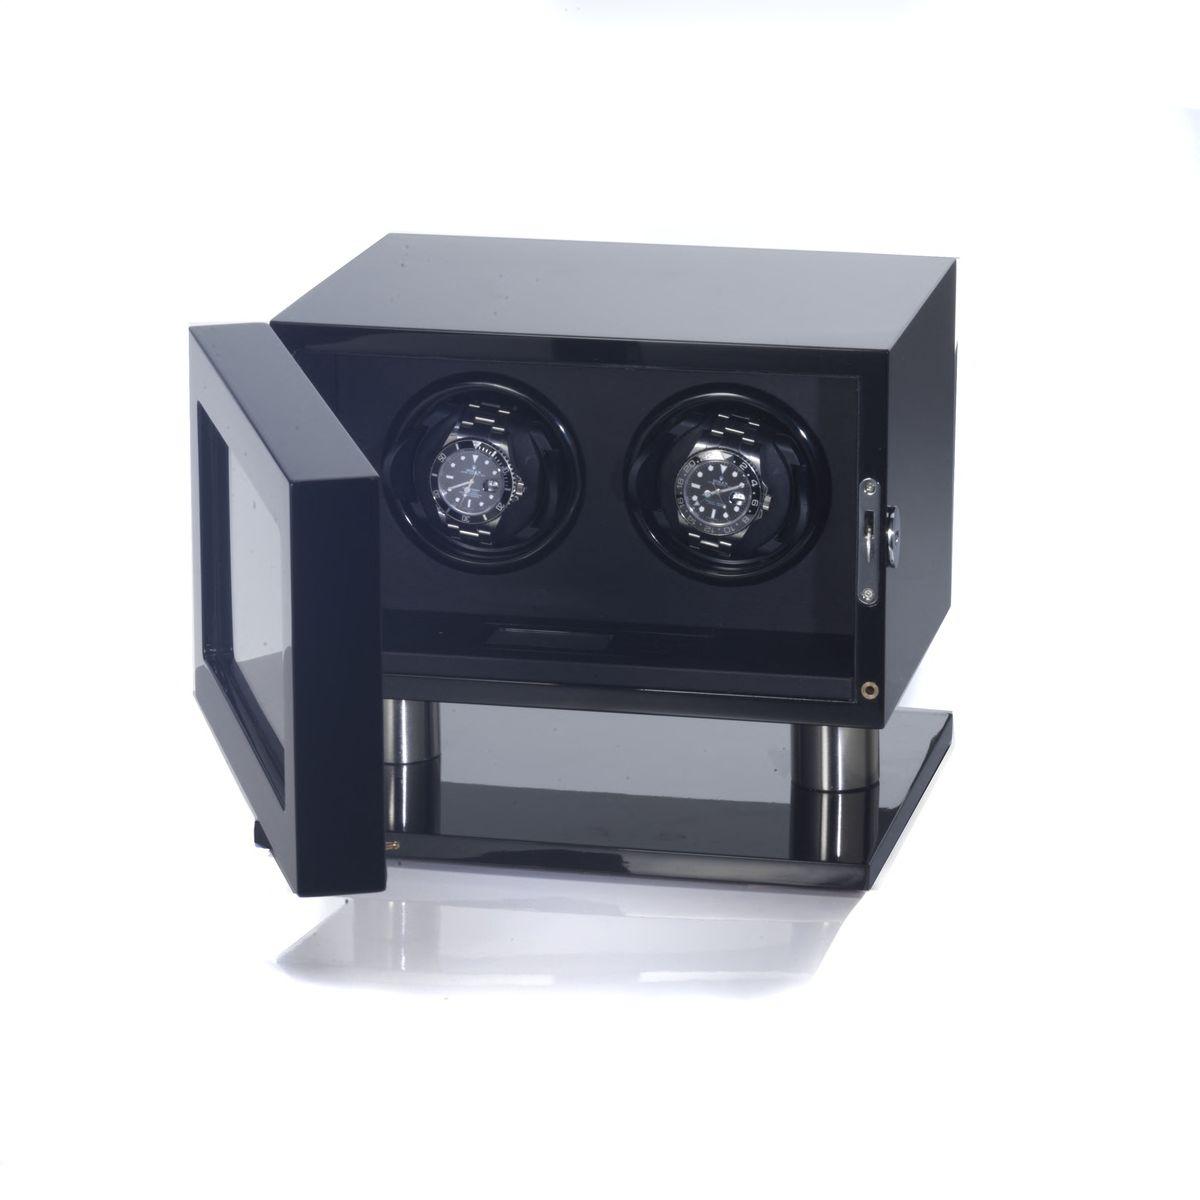 uhrenbeweger skyline f r 2 uhren klavierlack schwarz neu watchwinder new ebay. Black Bedroom Furniture Sets. Home Design Ideas